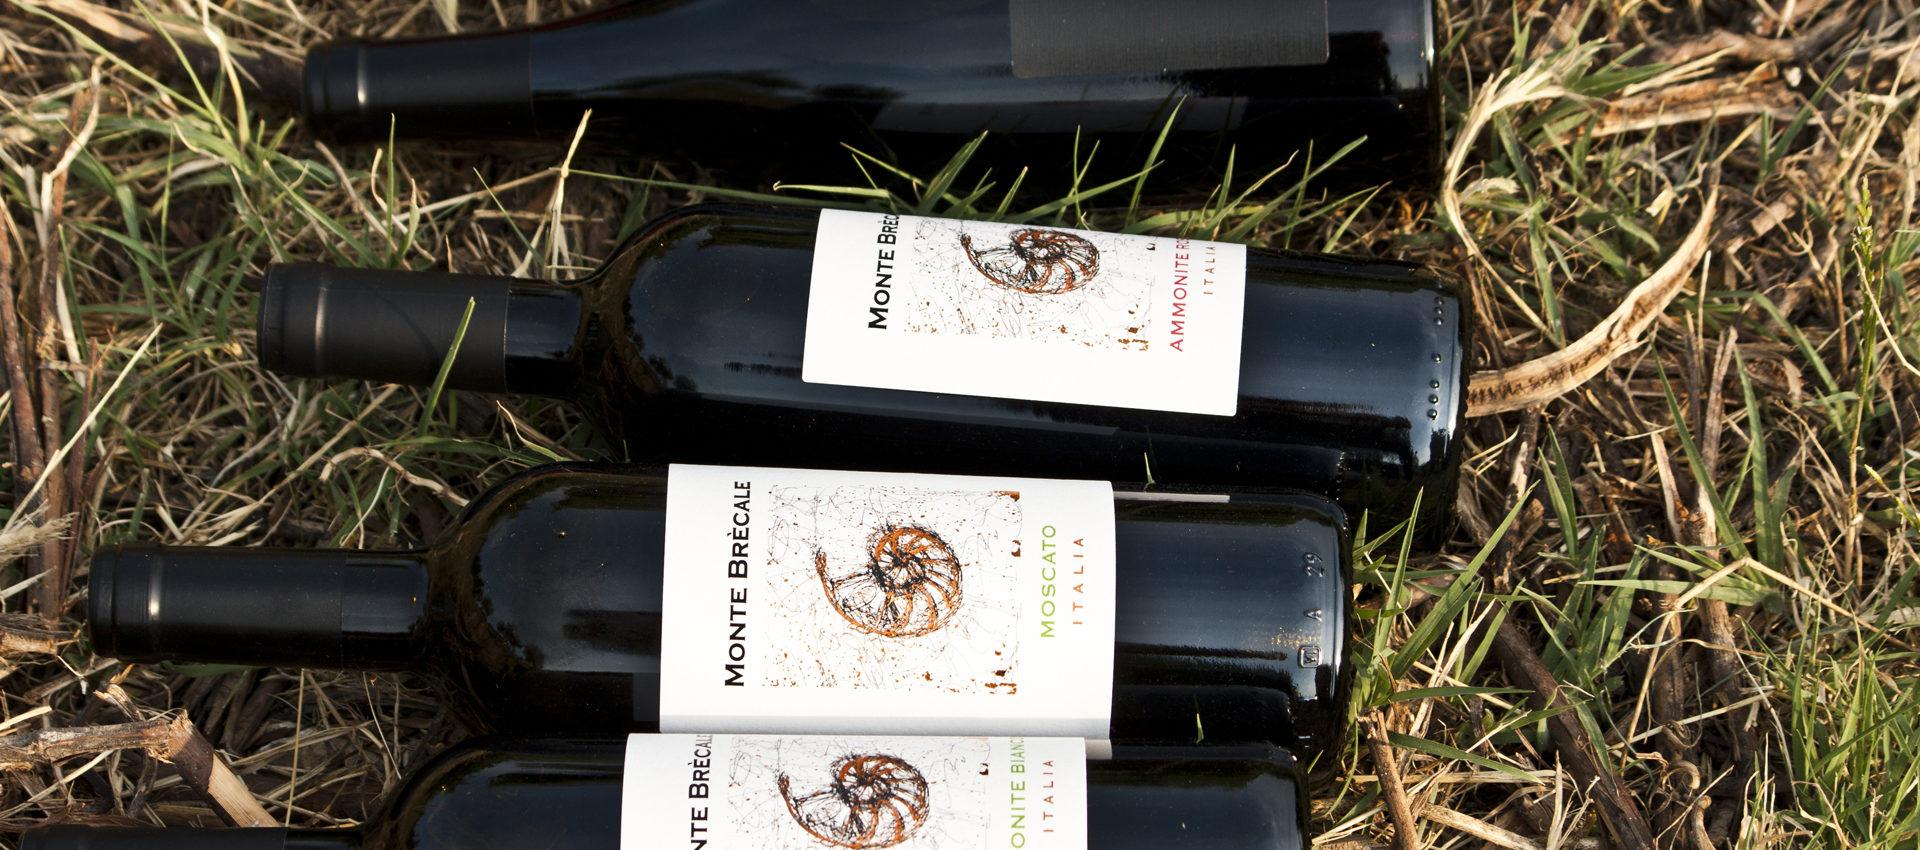 i vini di Montebrecale